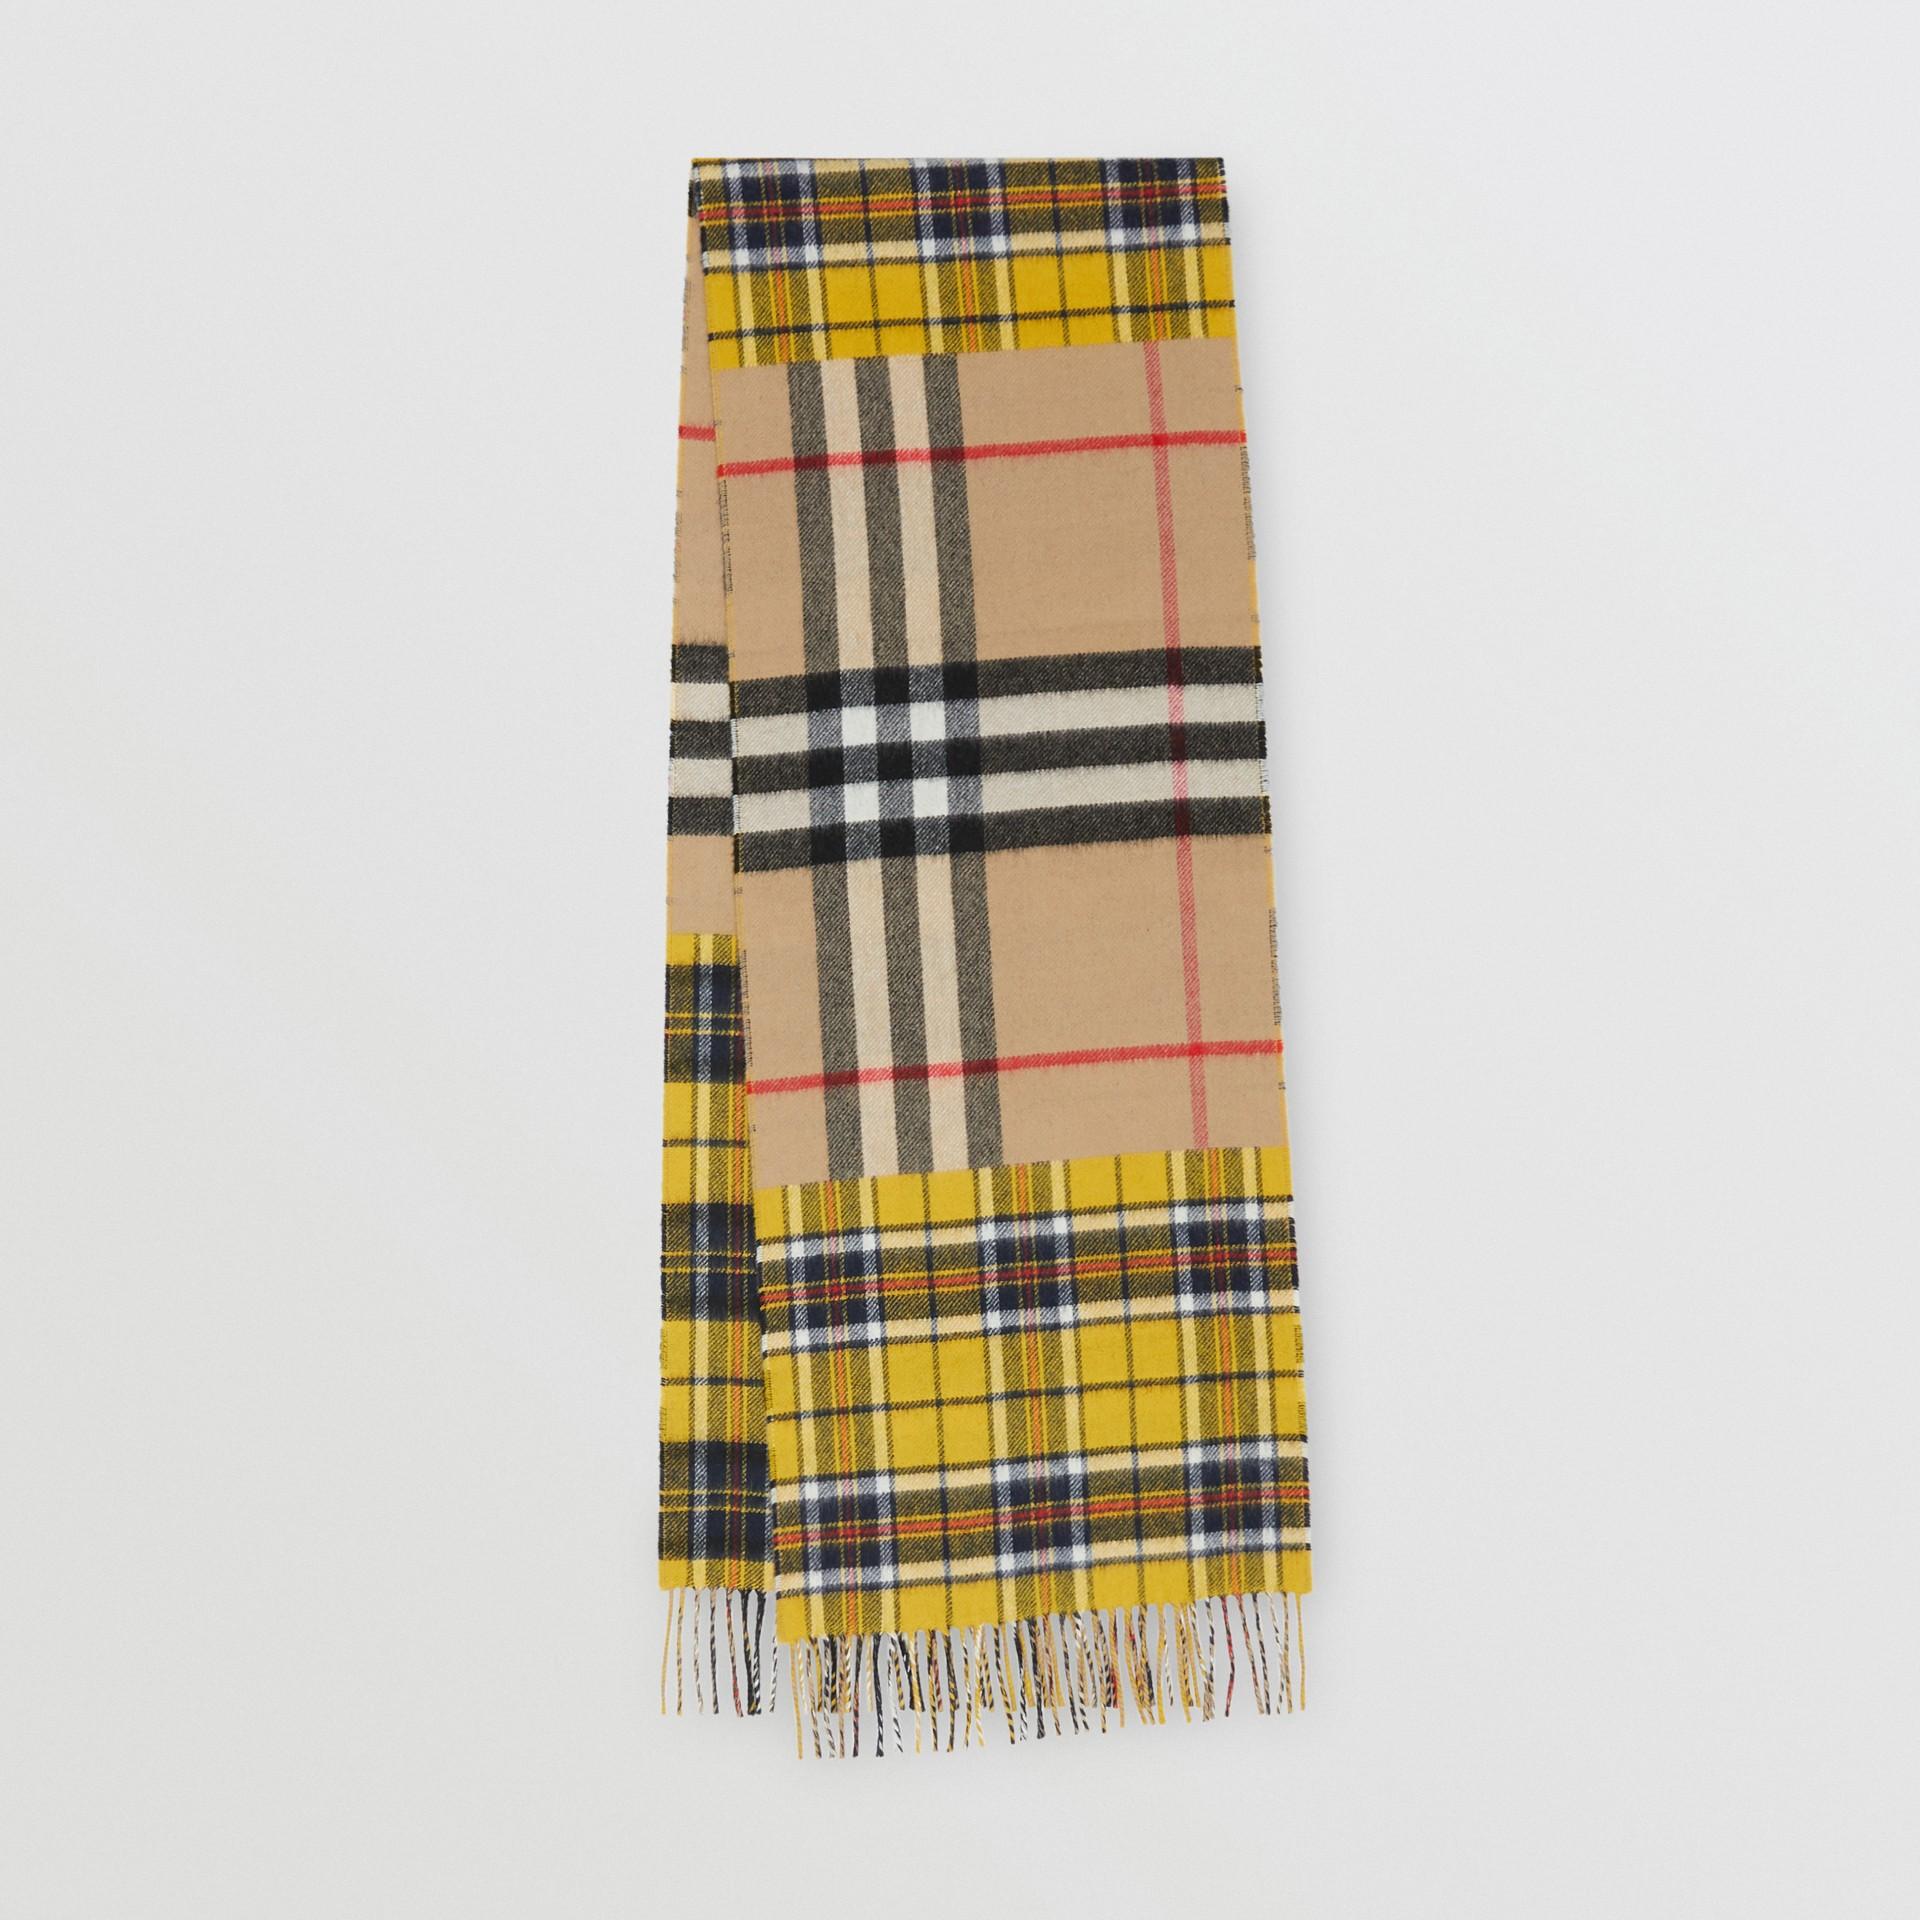 對比格紋喀什米爾美麗諾羊毛提花圍巾 (鮮黃色) | Burberry - 圖庫照片 0